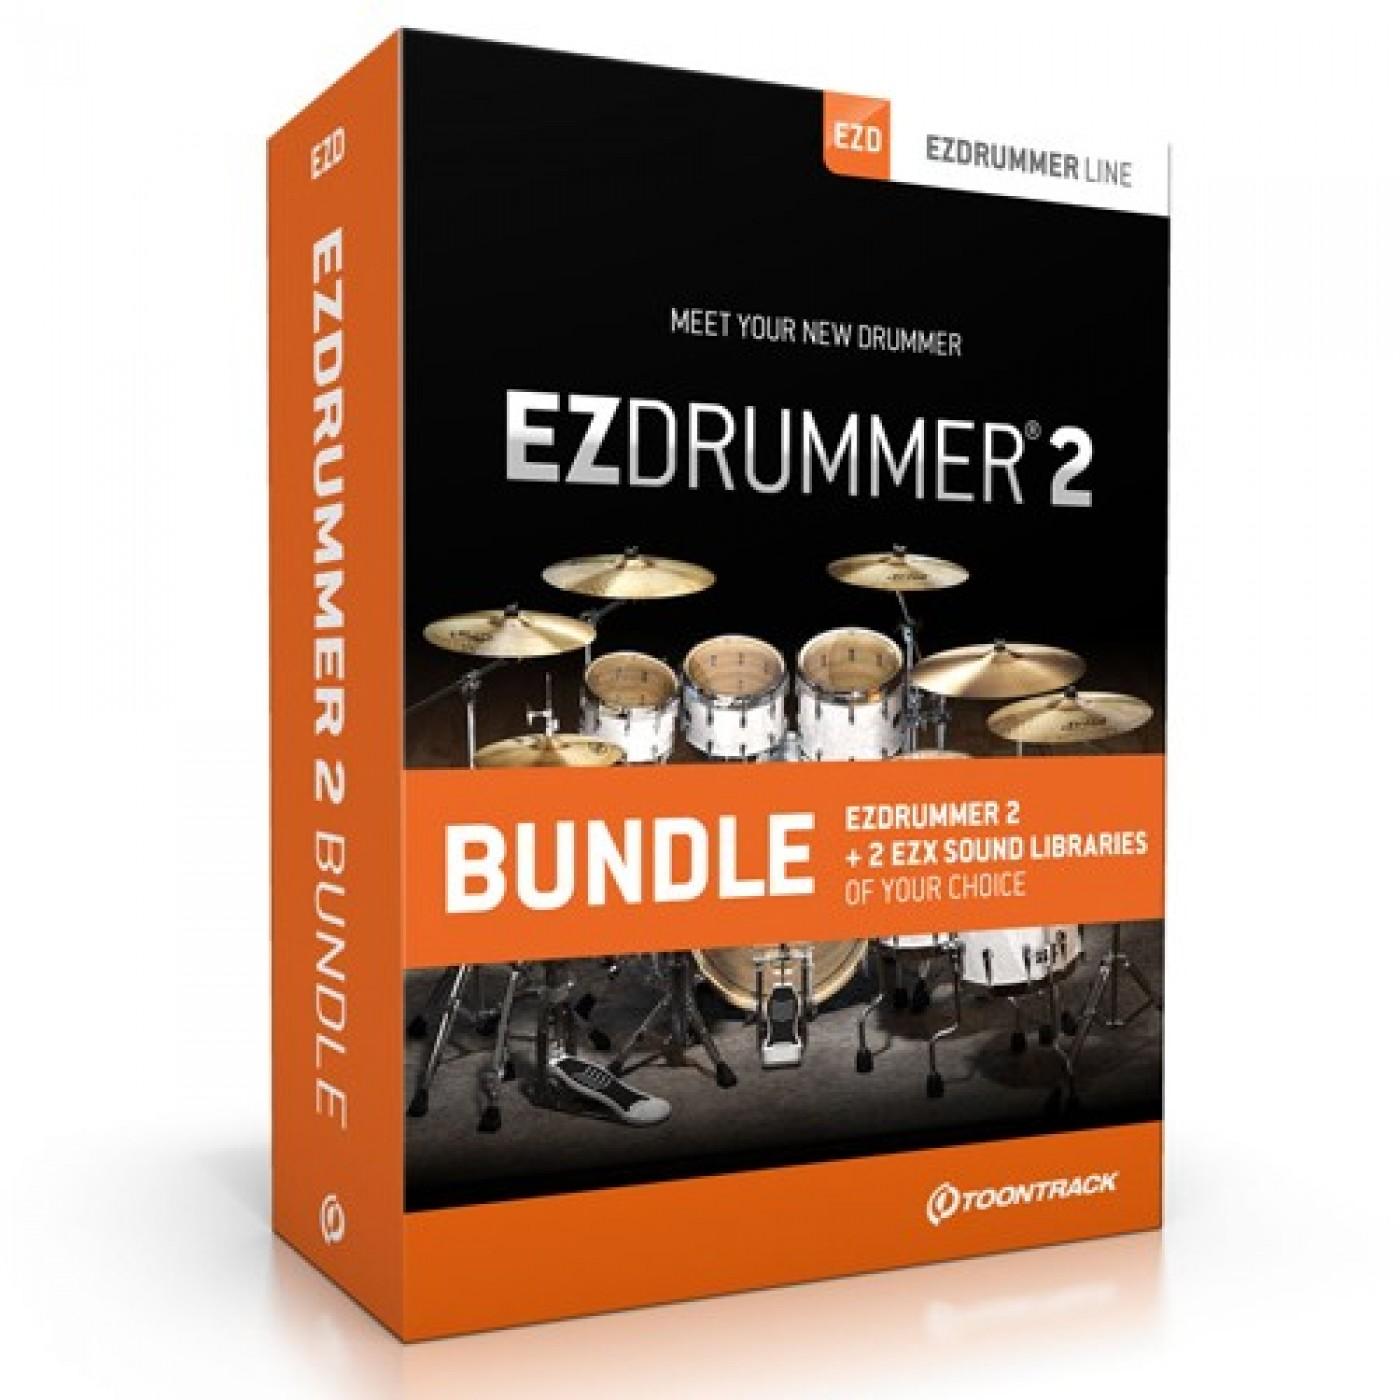 Toontrack EZDRUMMER 2 Bundle | Rage audio